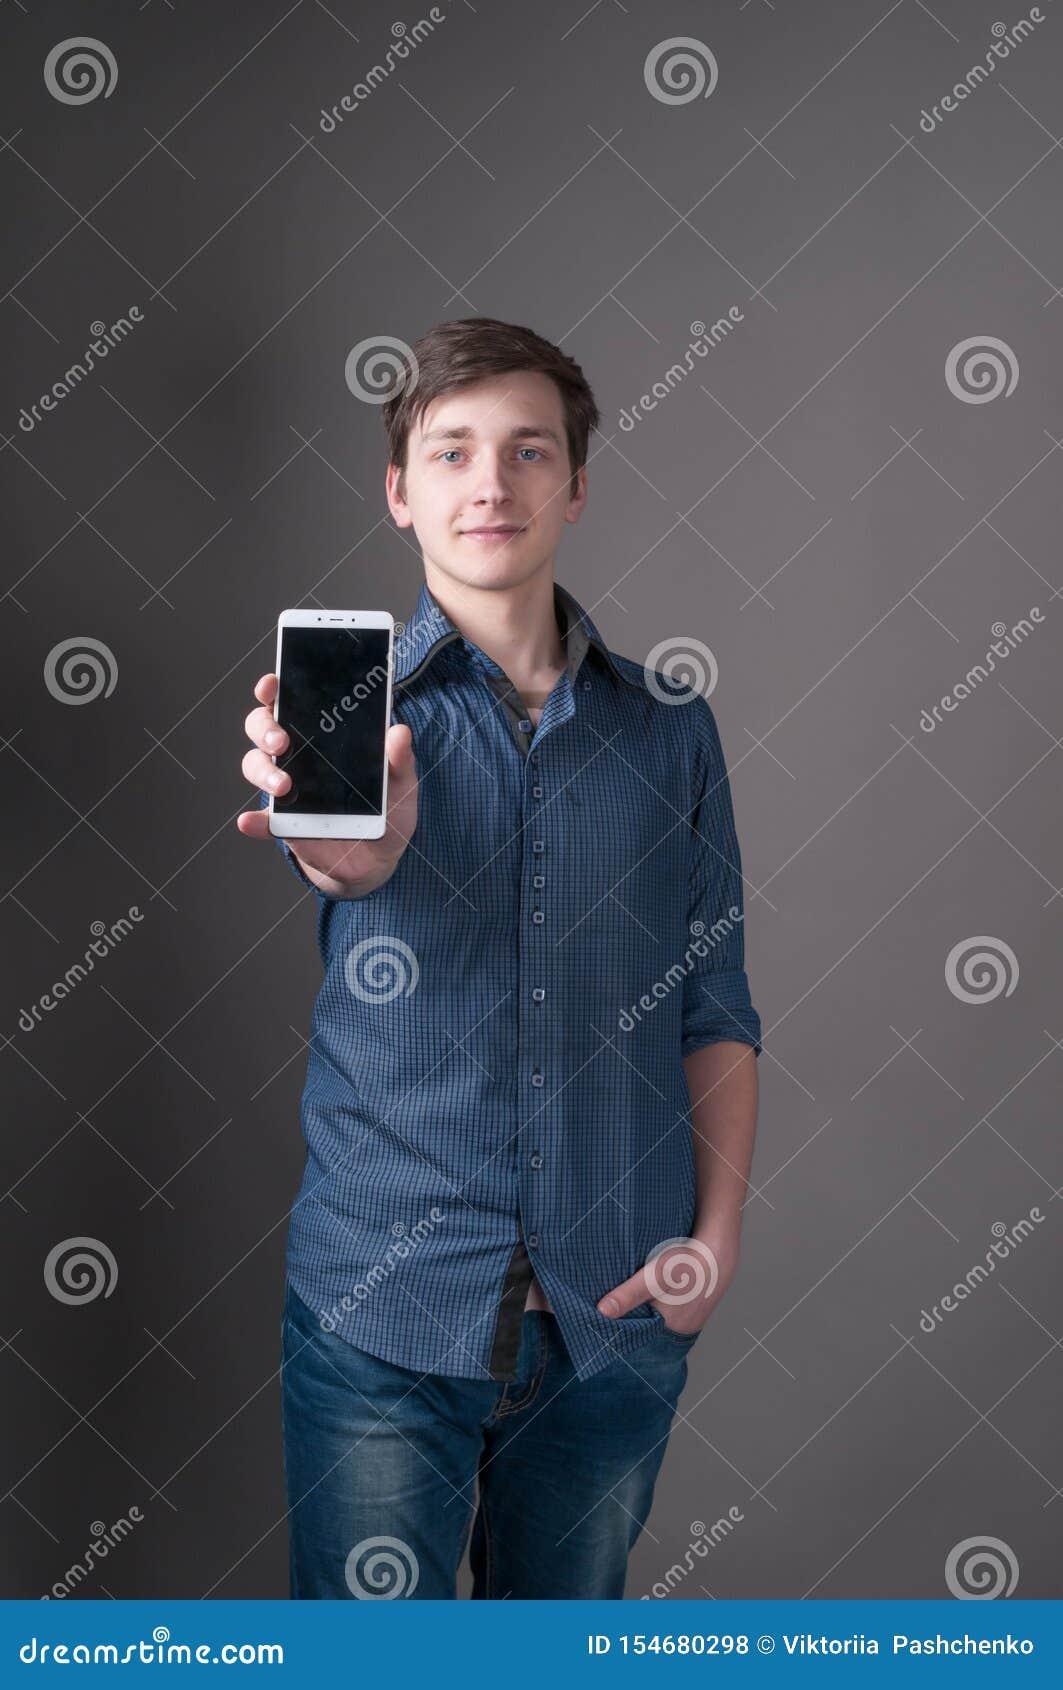 Młody człowiek z ciemnym włosy w błękitnej koszula, trzymający rękę w kieszeni, pokazuje smartphone z pustym ekranem